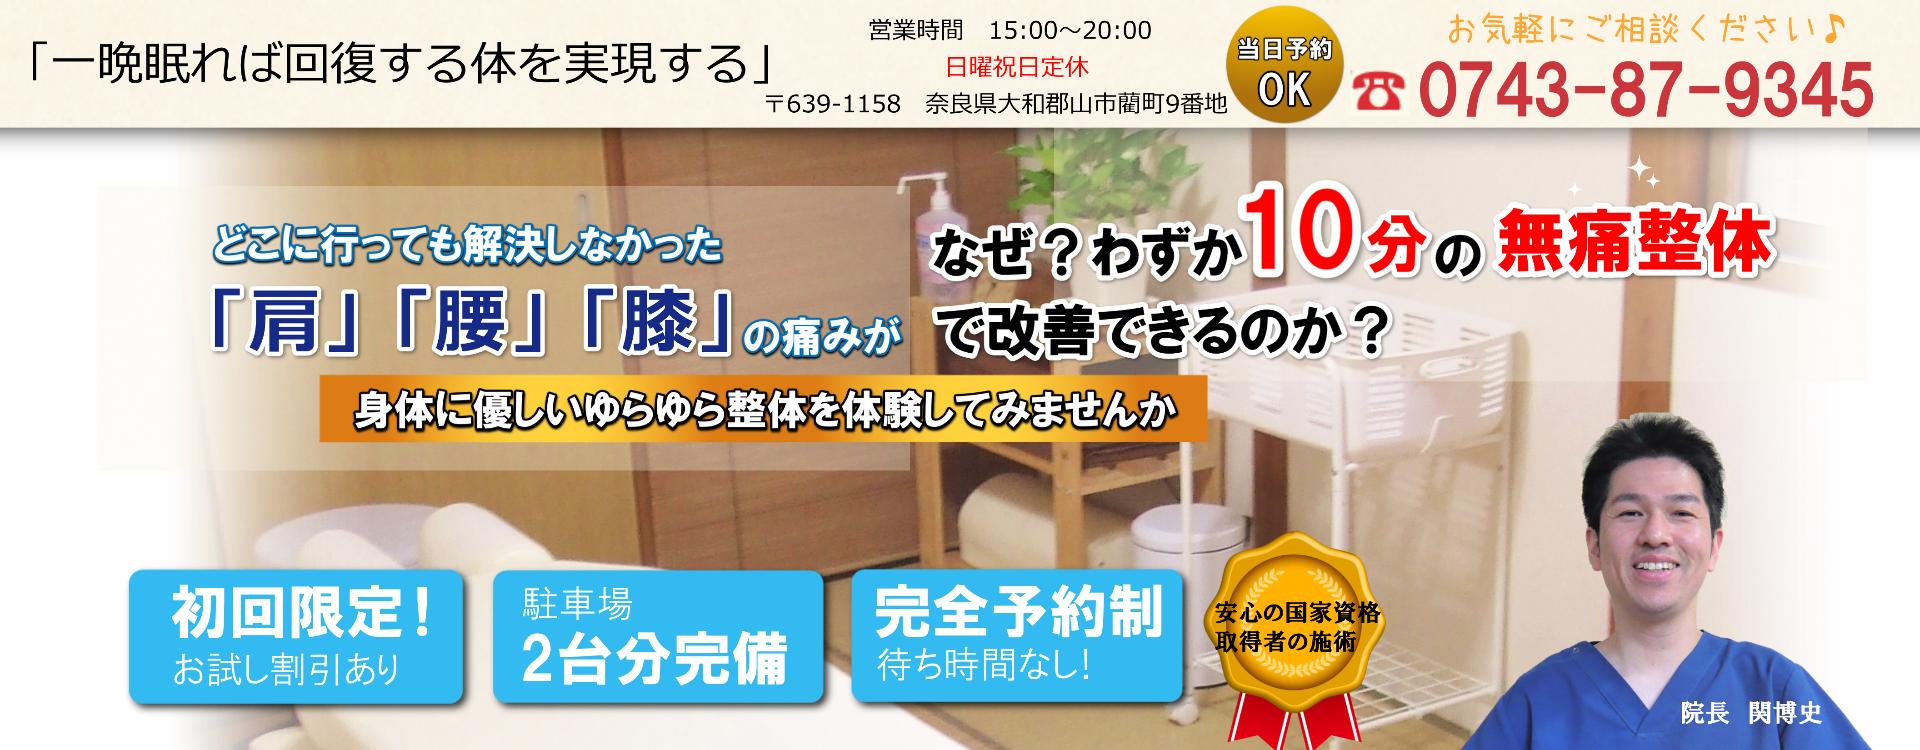 奈良県大和郡山市の整体|痛くなく効果の高い背骨調整|せき整骨院